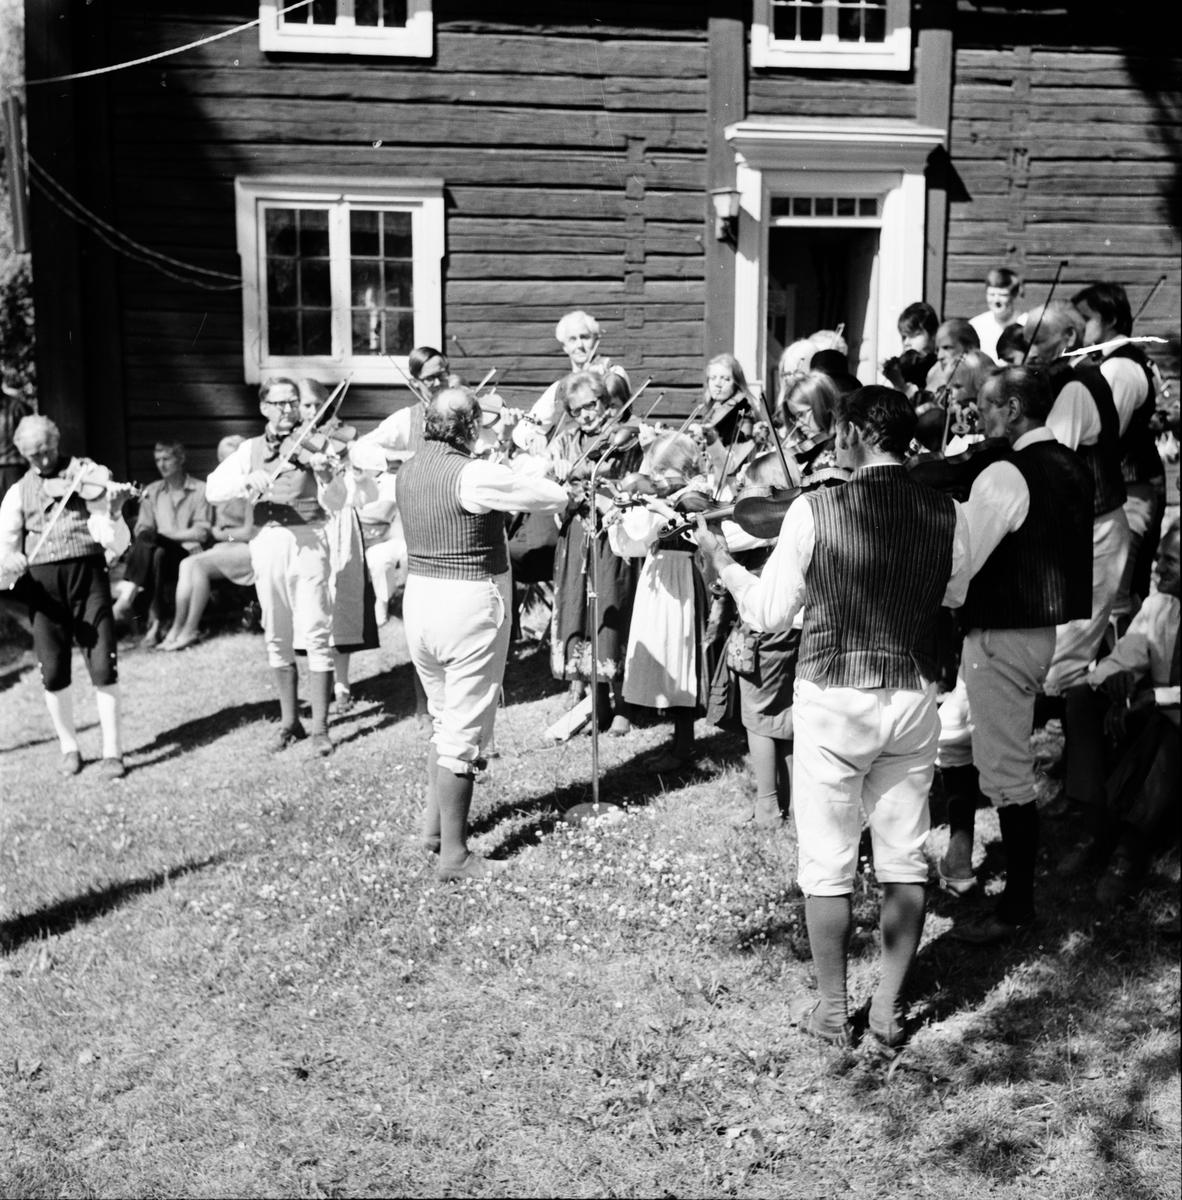 Arbrå, Hälsingehambon, Fornhemmet, 1971